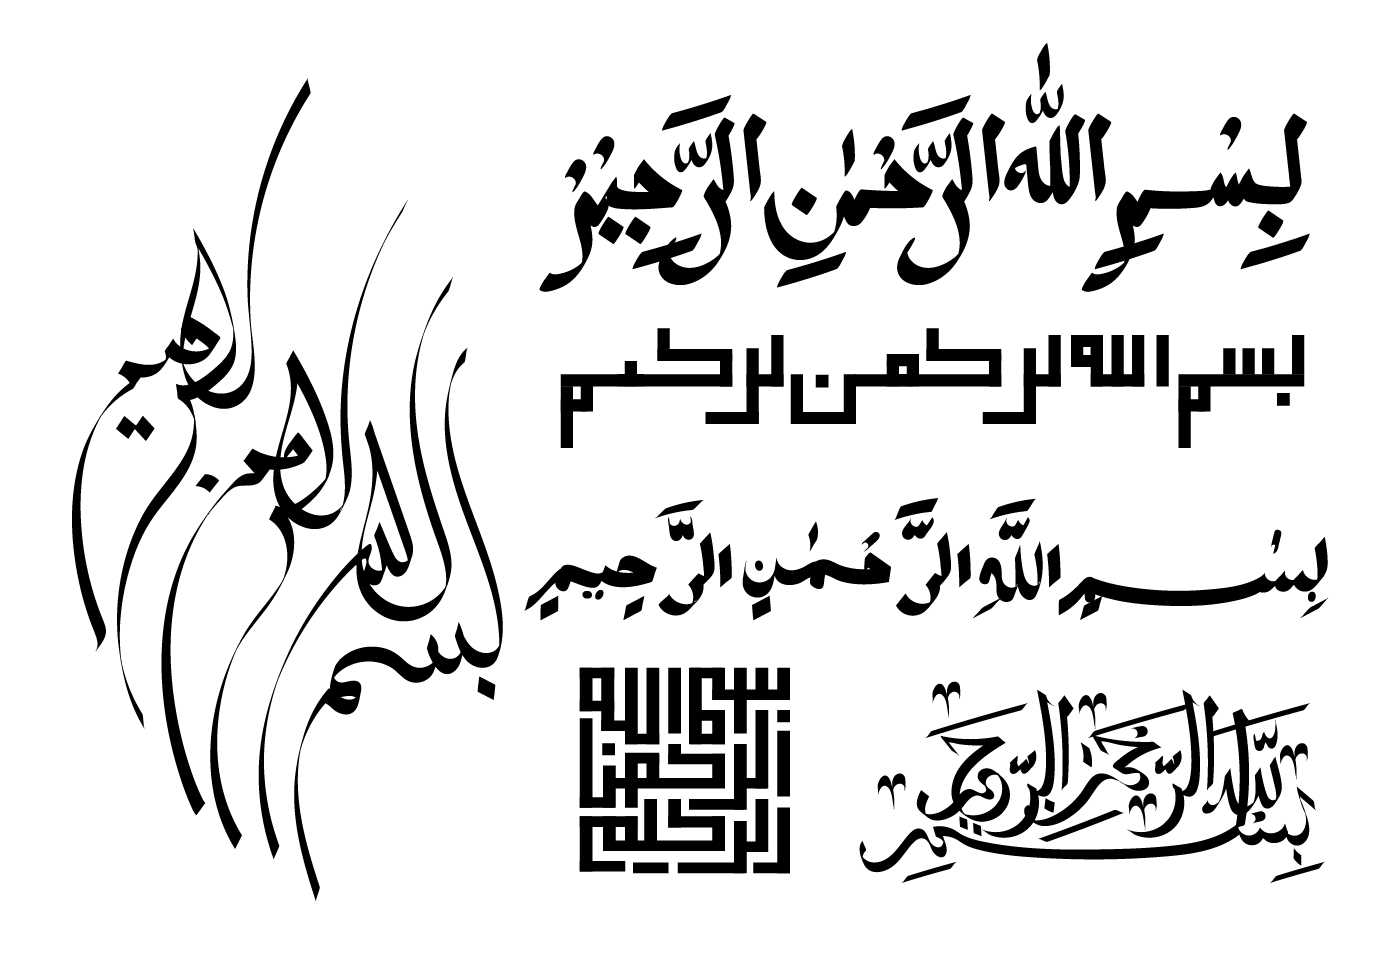 Bismillah Free Vector Art 2451 Free Downloads